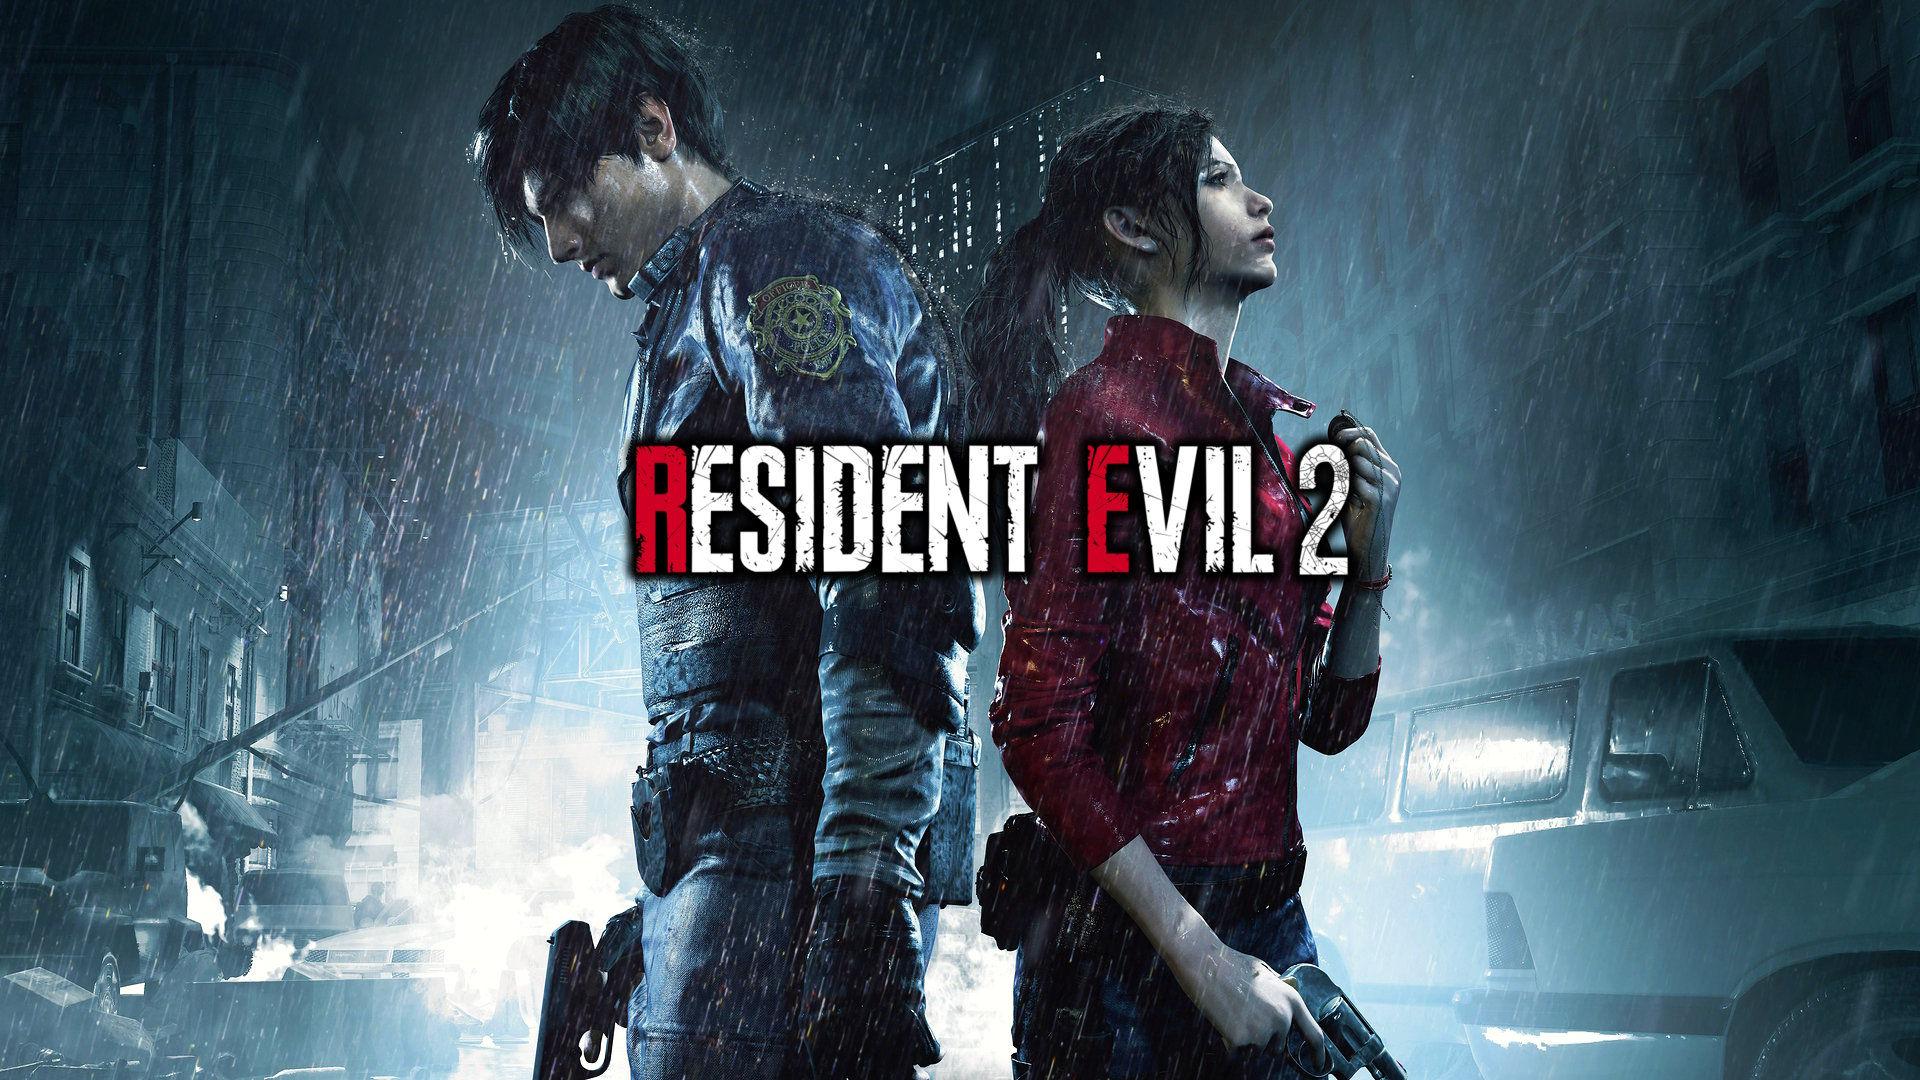 Resident Evil 2 Remake (2019) Minimum ve Önerilen Sistem Gereksinimleri